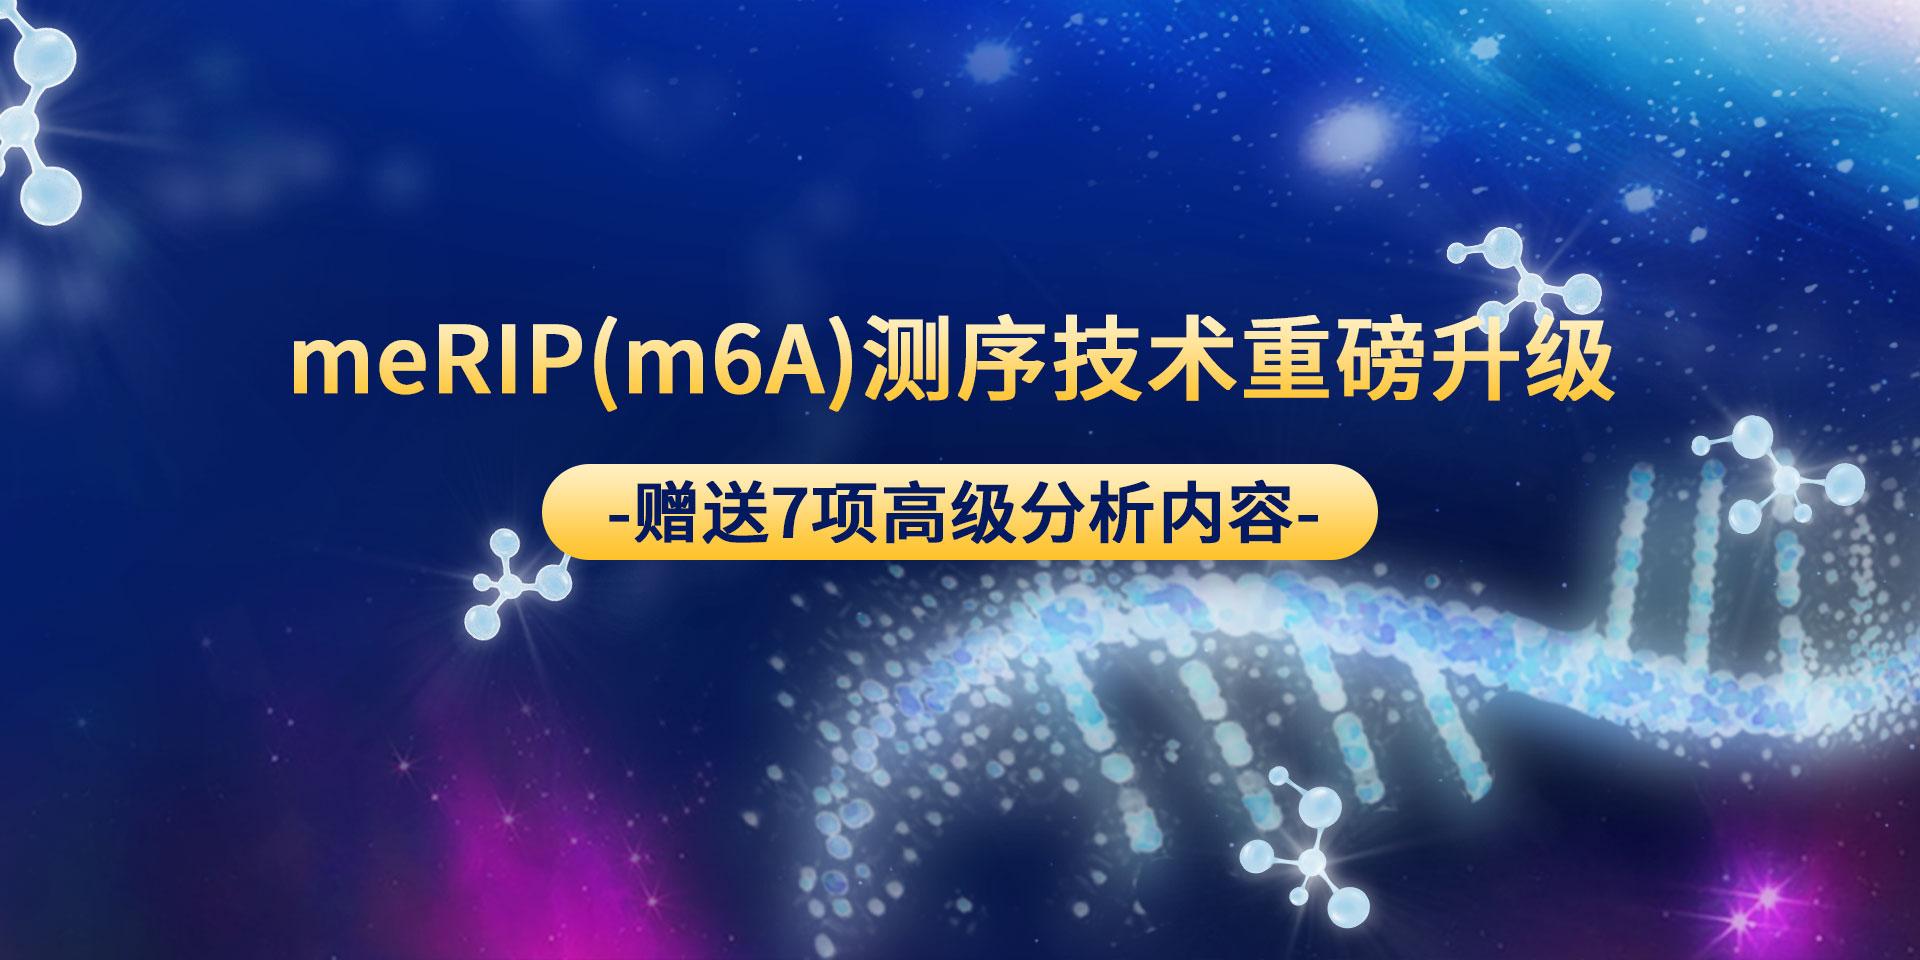 广州表观生物科技有限公司-69-9轮播图